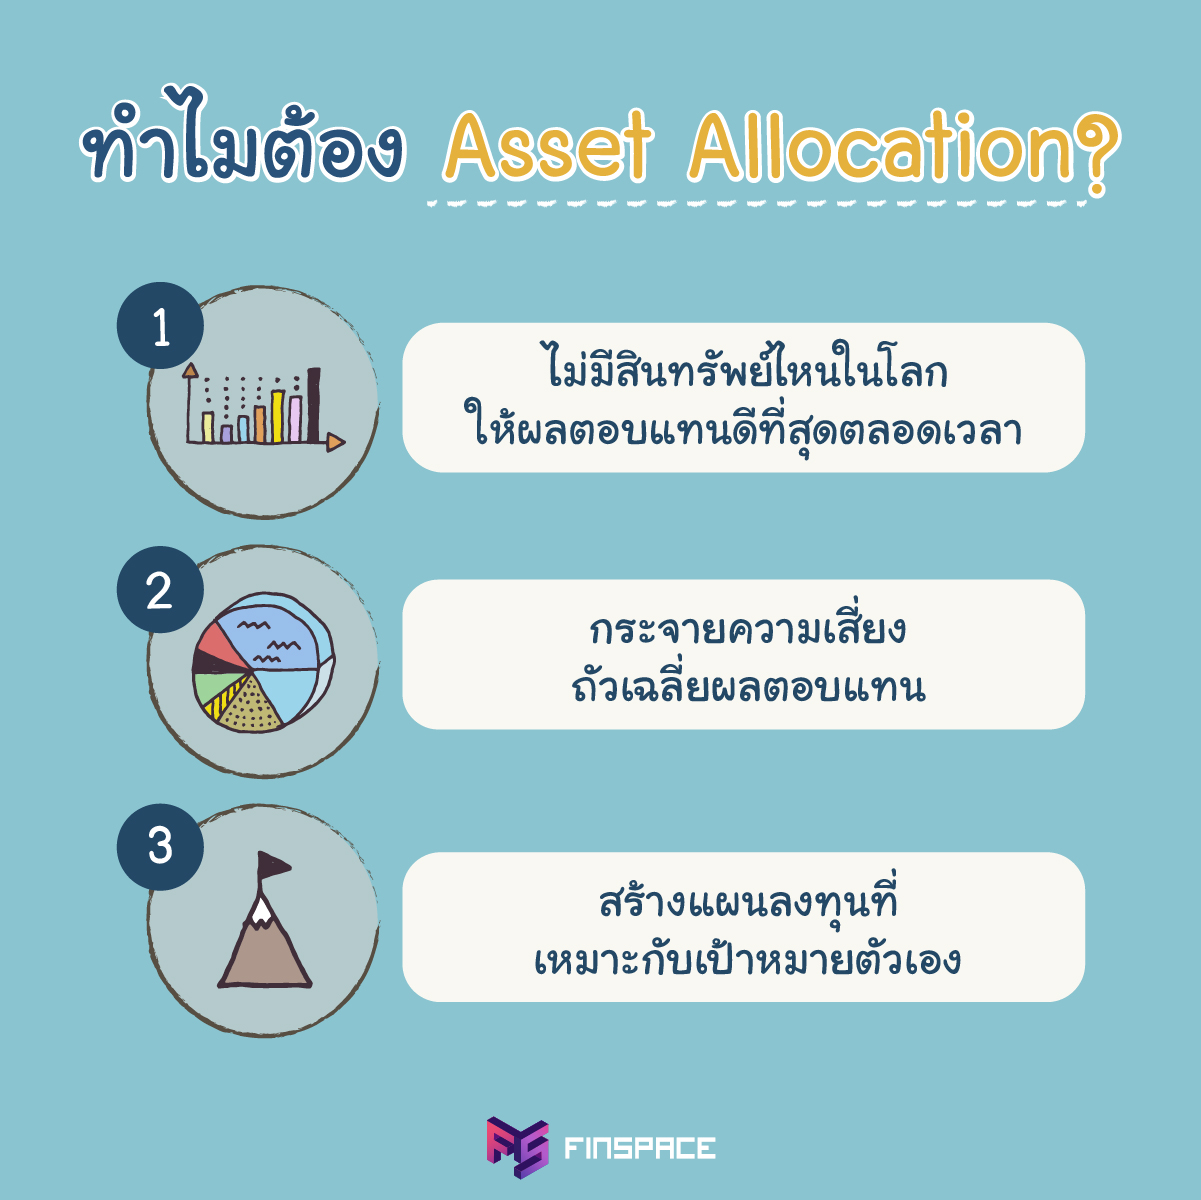 ทำไมต้อง Asset Allocation